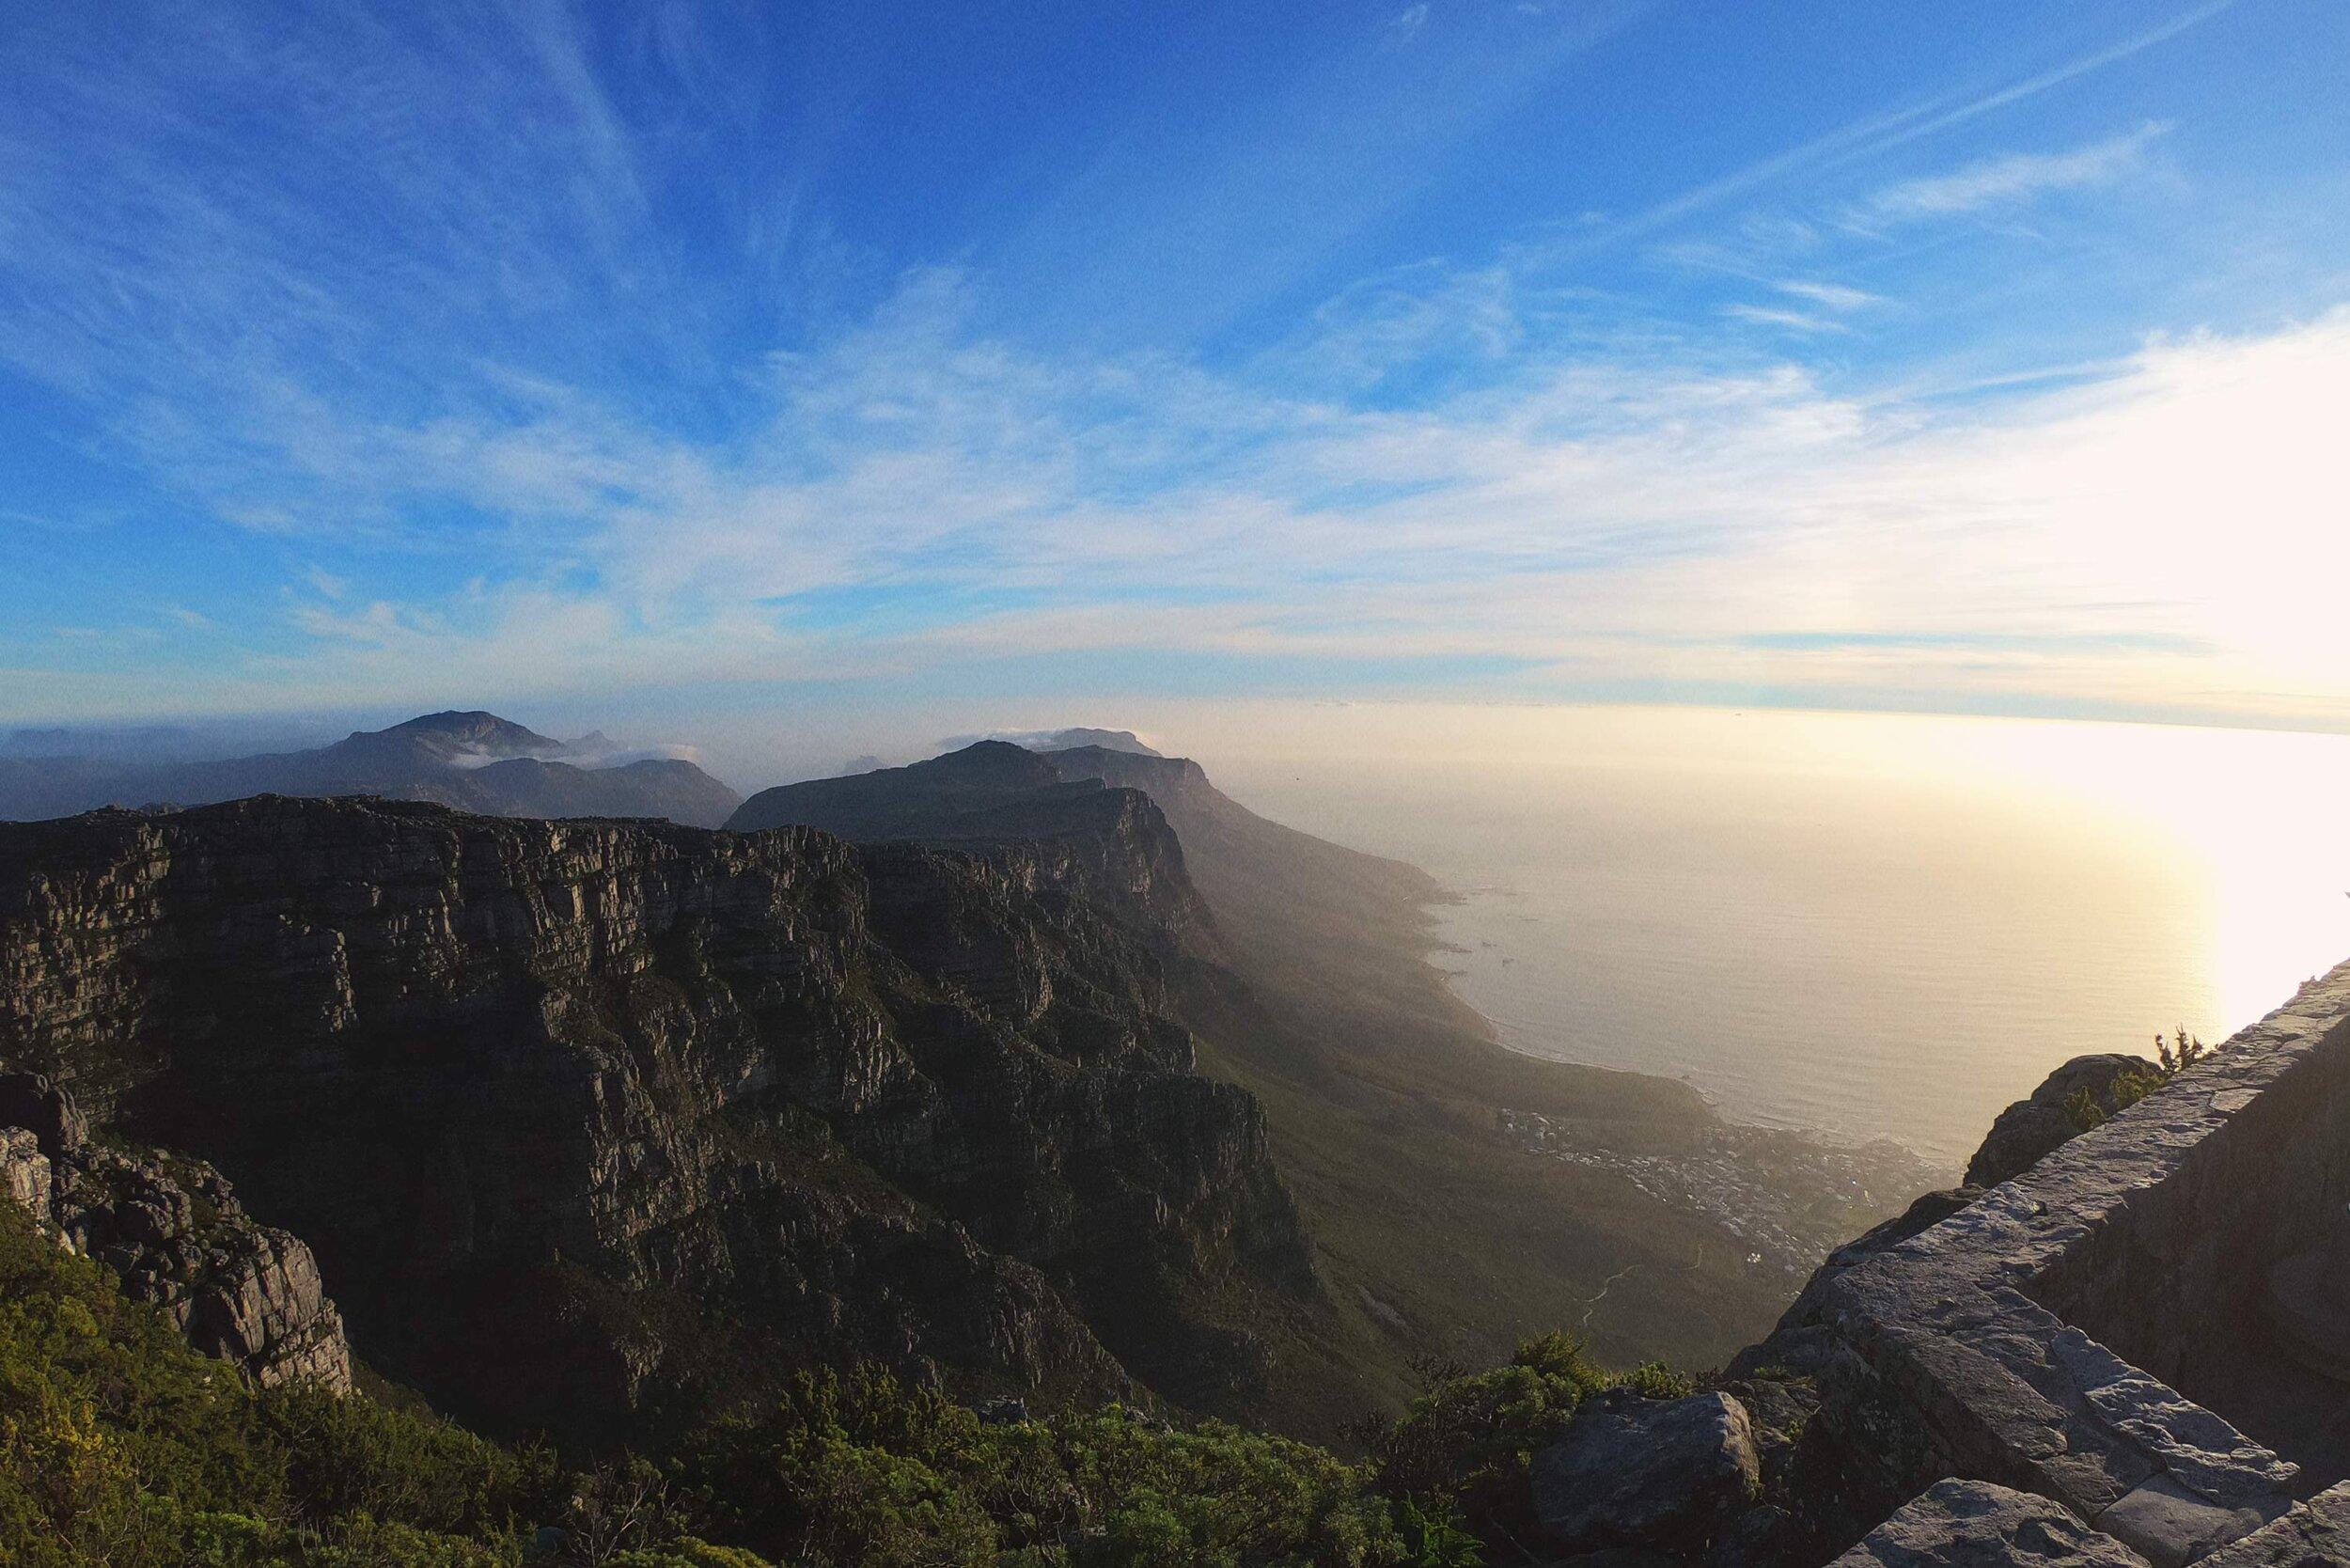 58_Giepert_South_Africa.jpg